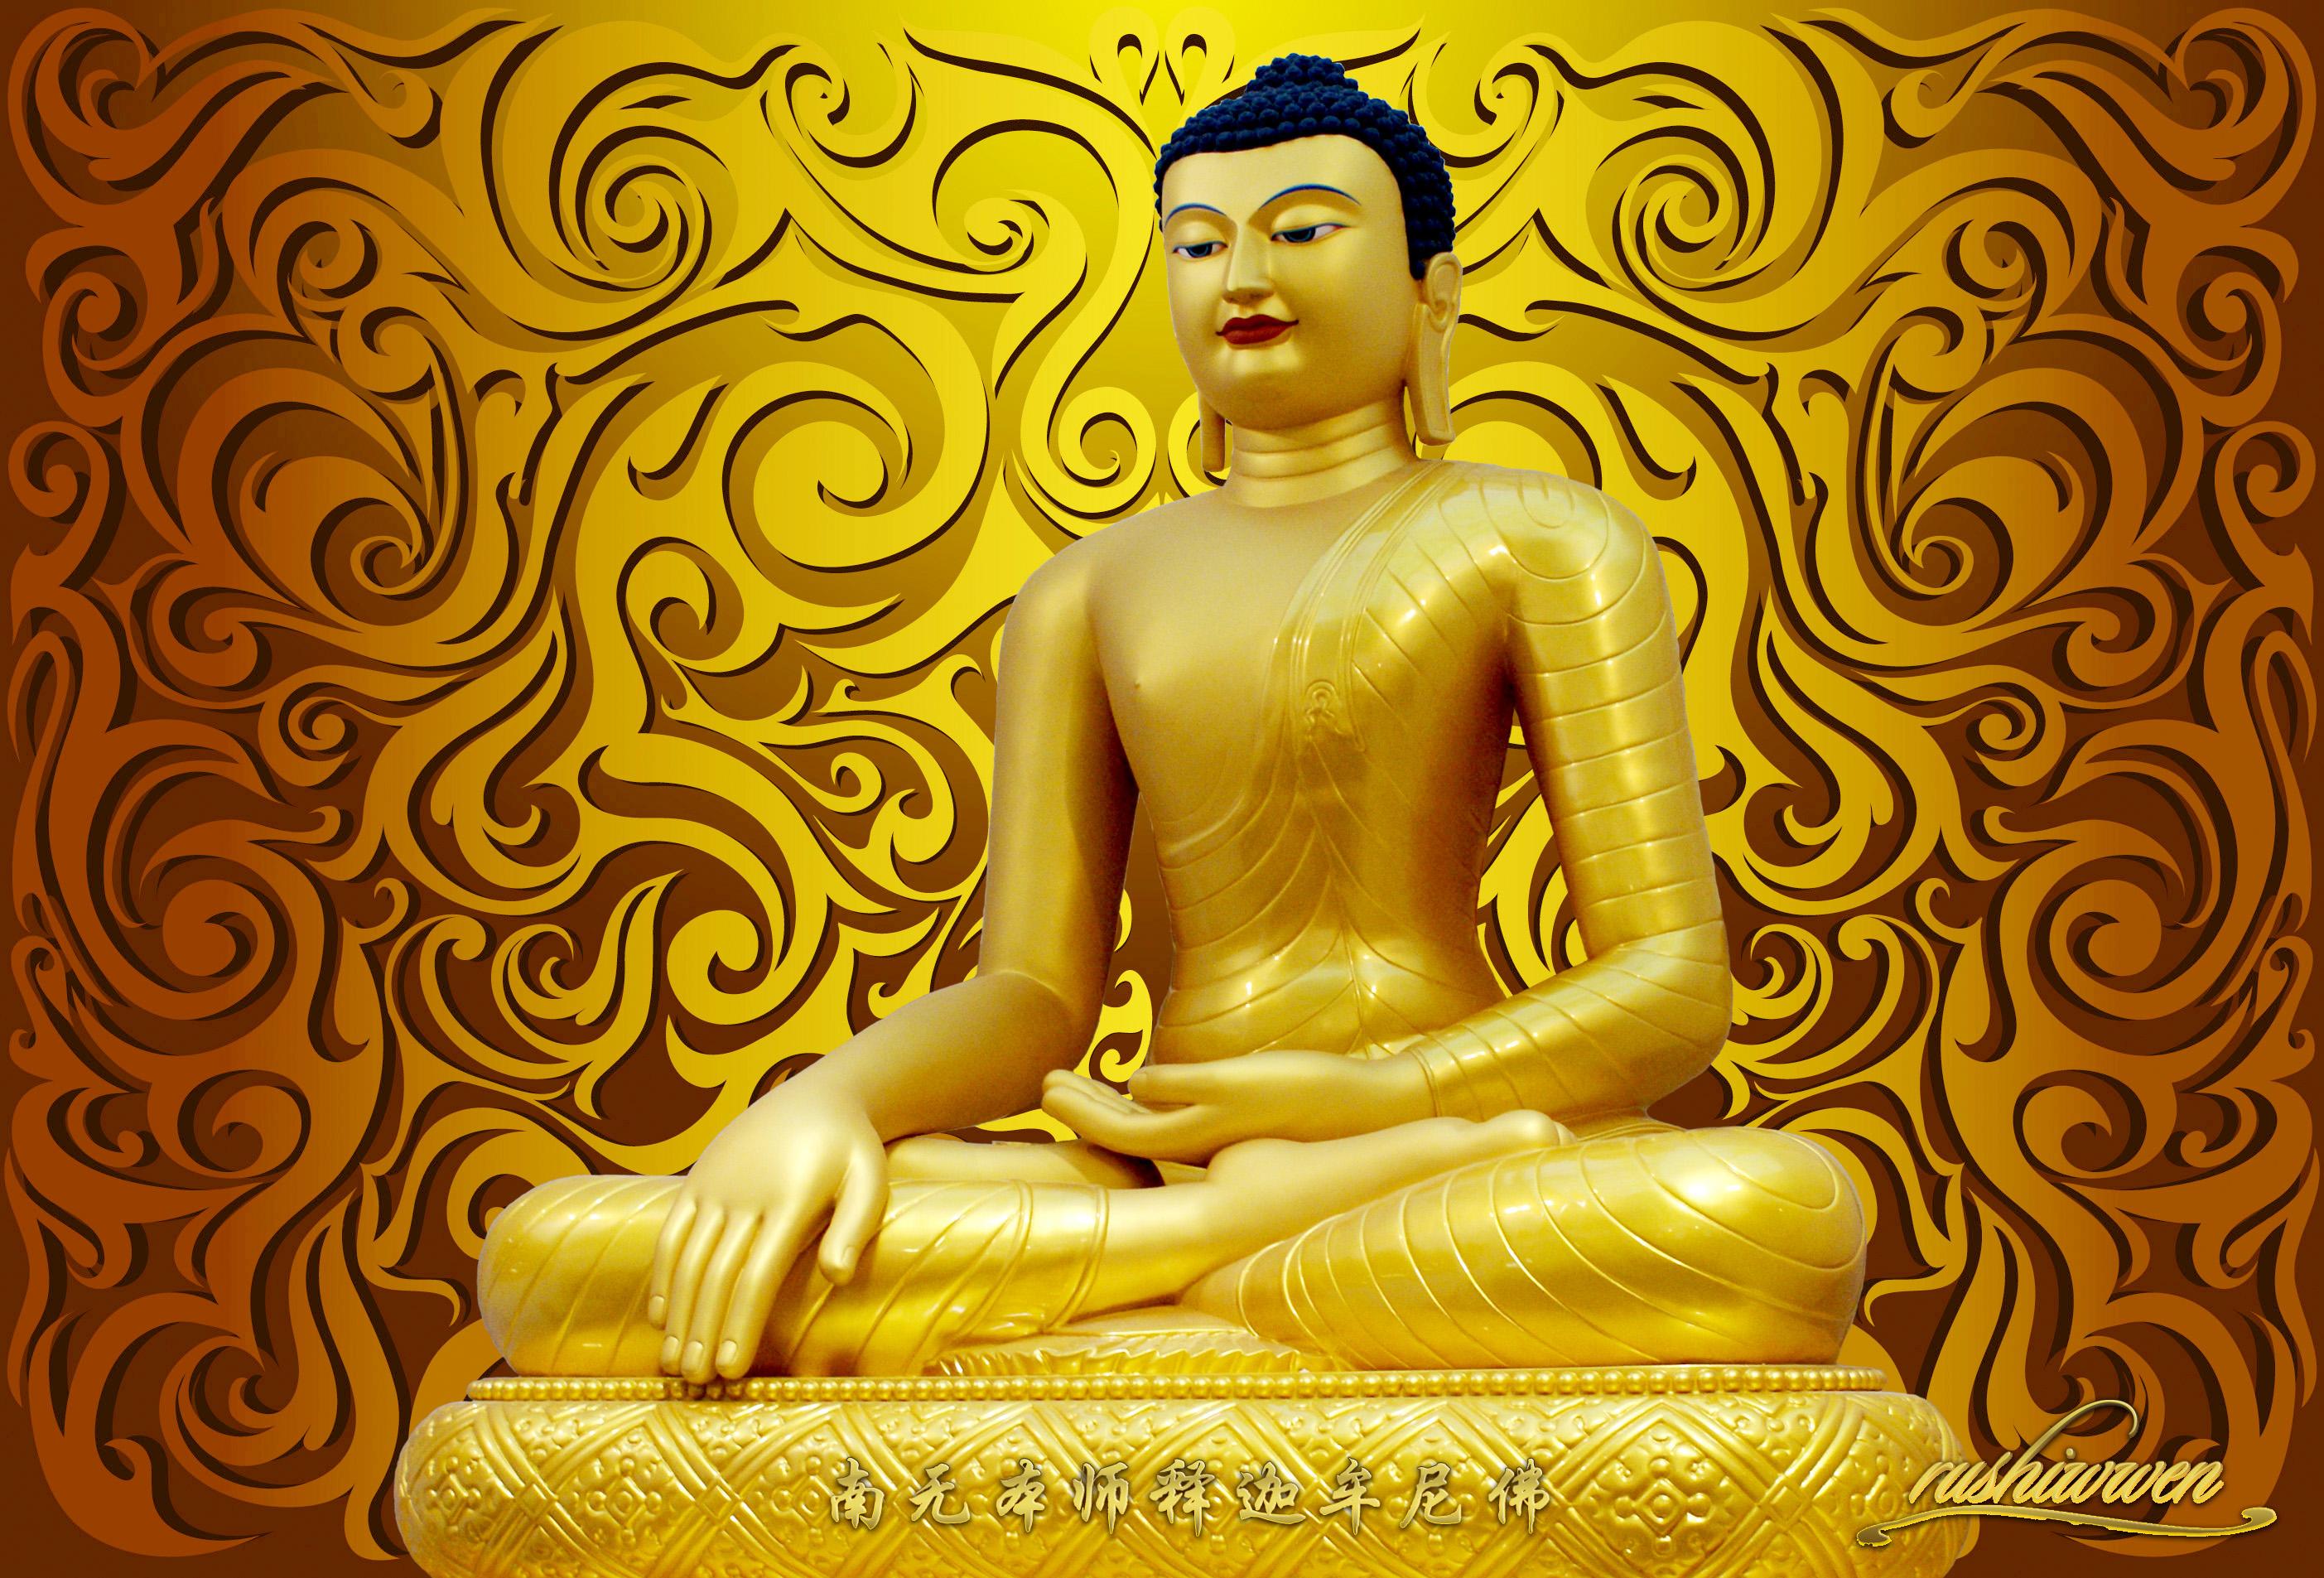 释迦牟尼佛佛像,共计25张